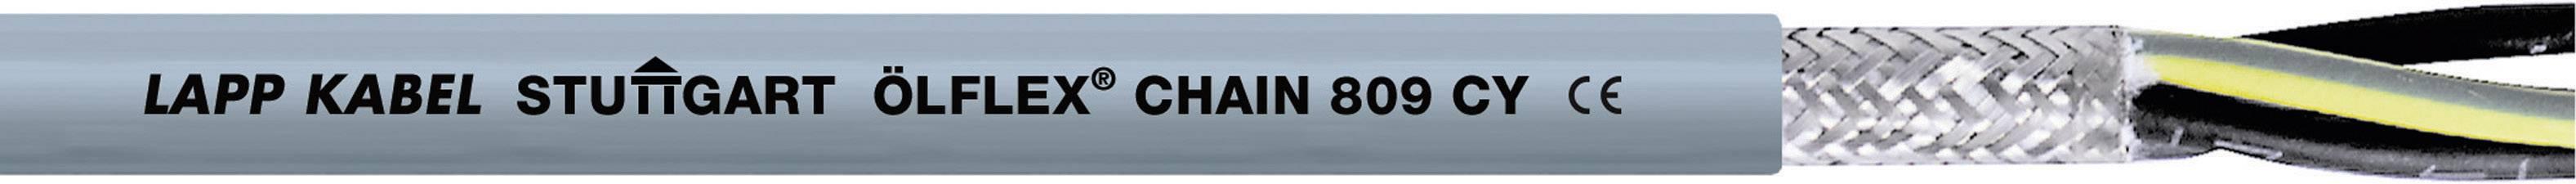 Žíla kabelu LappKabel ÖLFLEX CHAIN 809 CY 18G1,0 (1026773), 18x 1 mm², PVC, Ø 14 mm, stíněný, 50 m, šedá